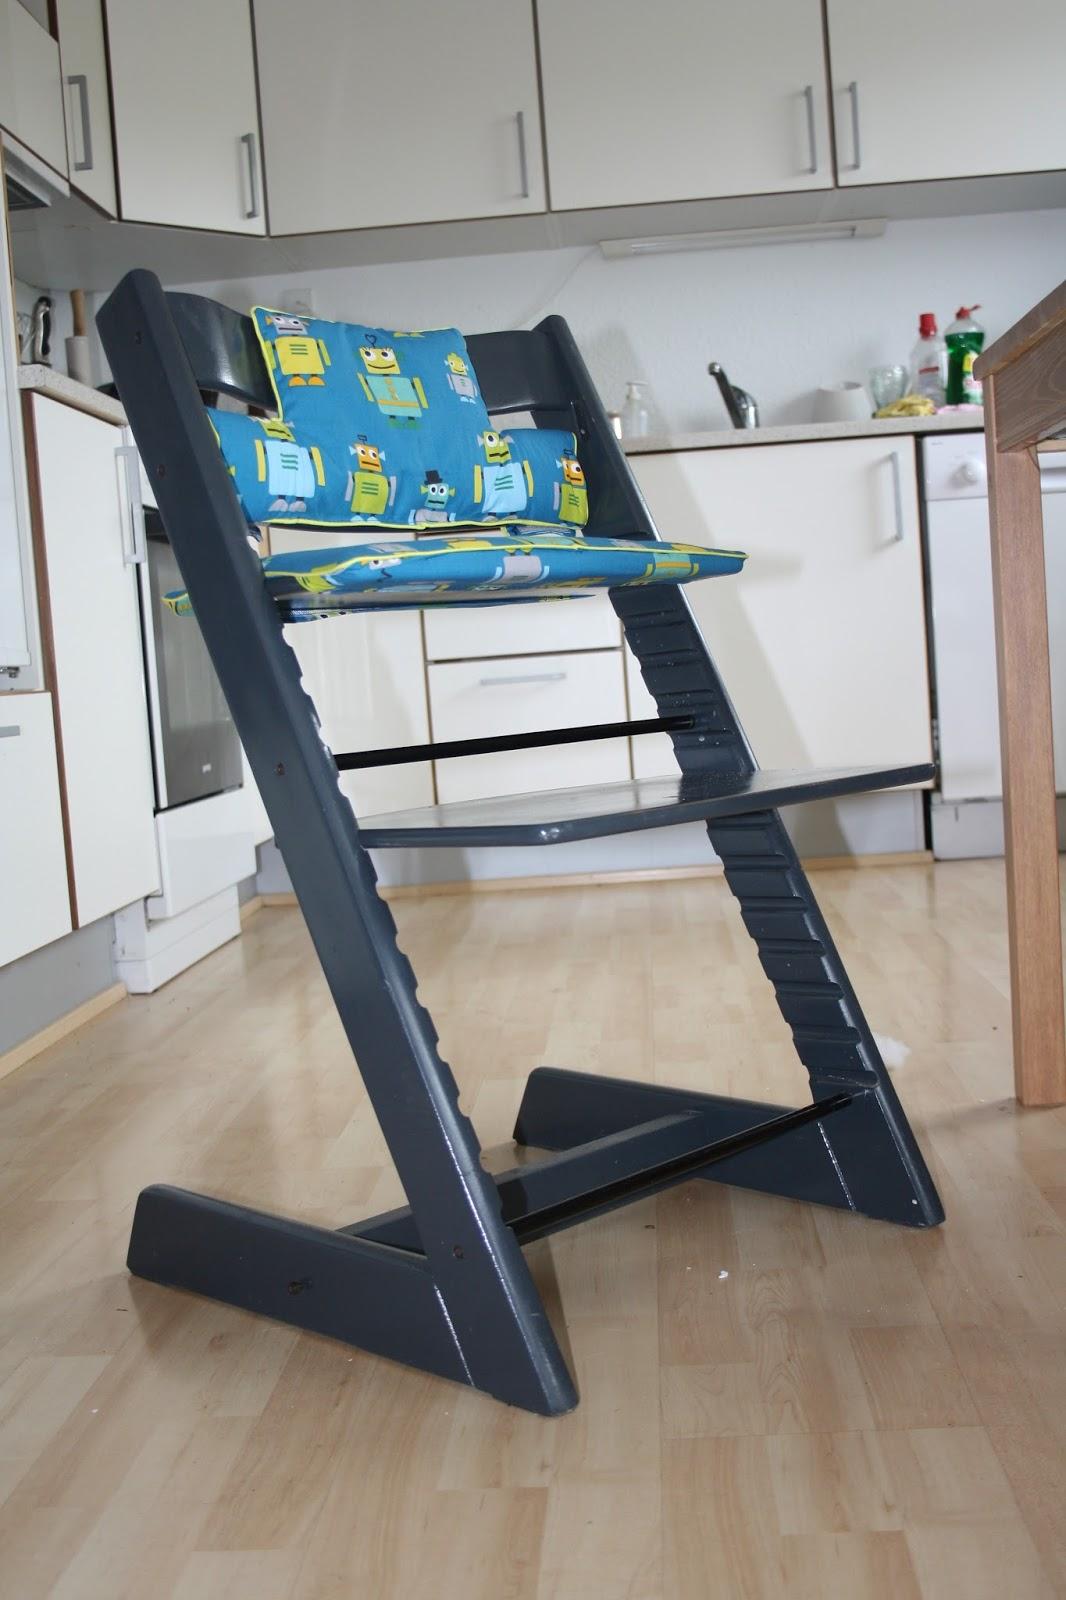 hverdags mor diy hynde til stokke trip trap stol. Black Bedroom Furniture Sets. Home Design Ideas